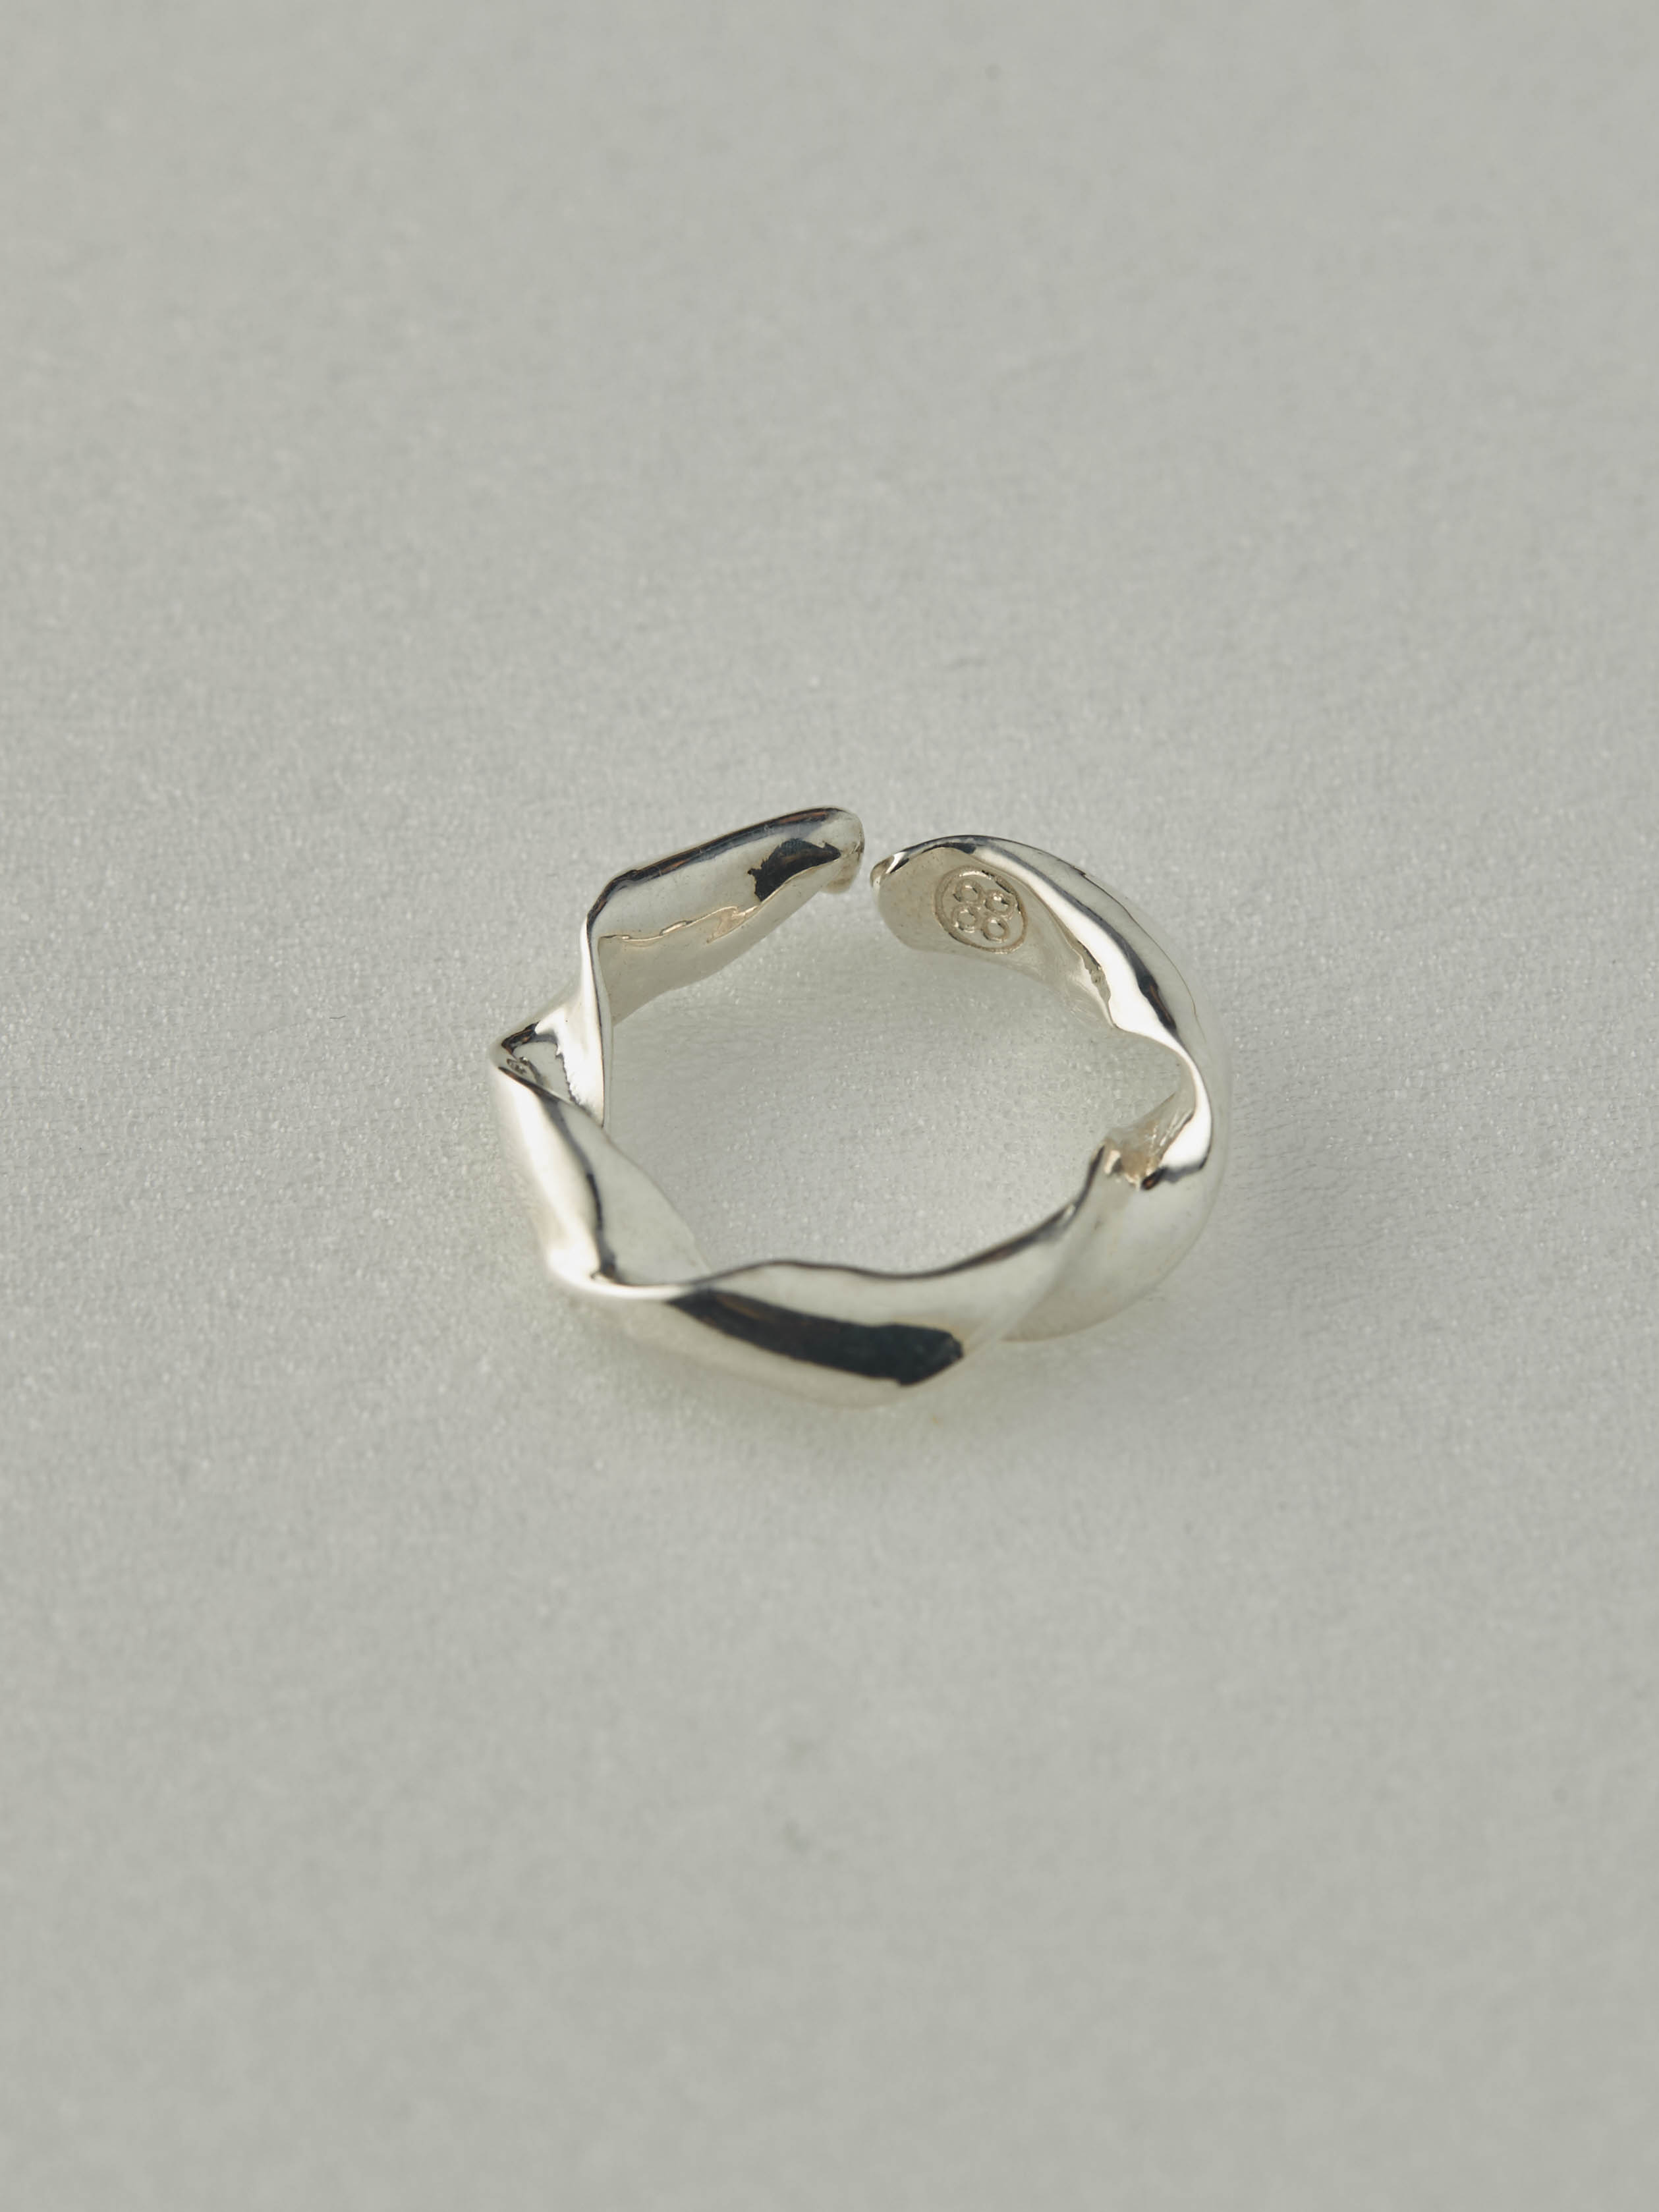 揉花戒指 - 925純銀-mouggan